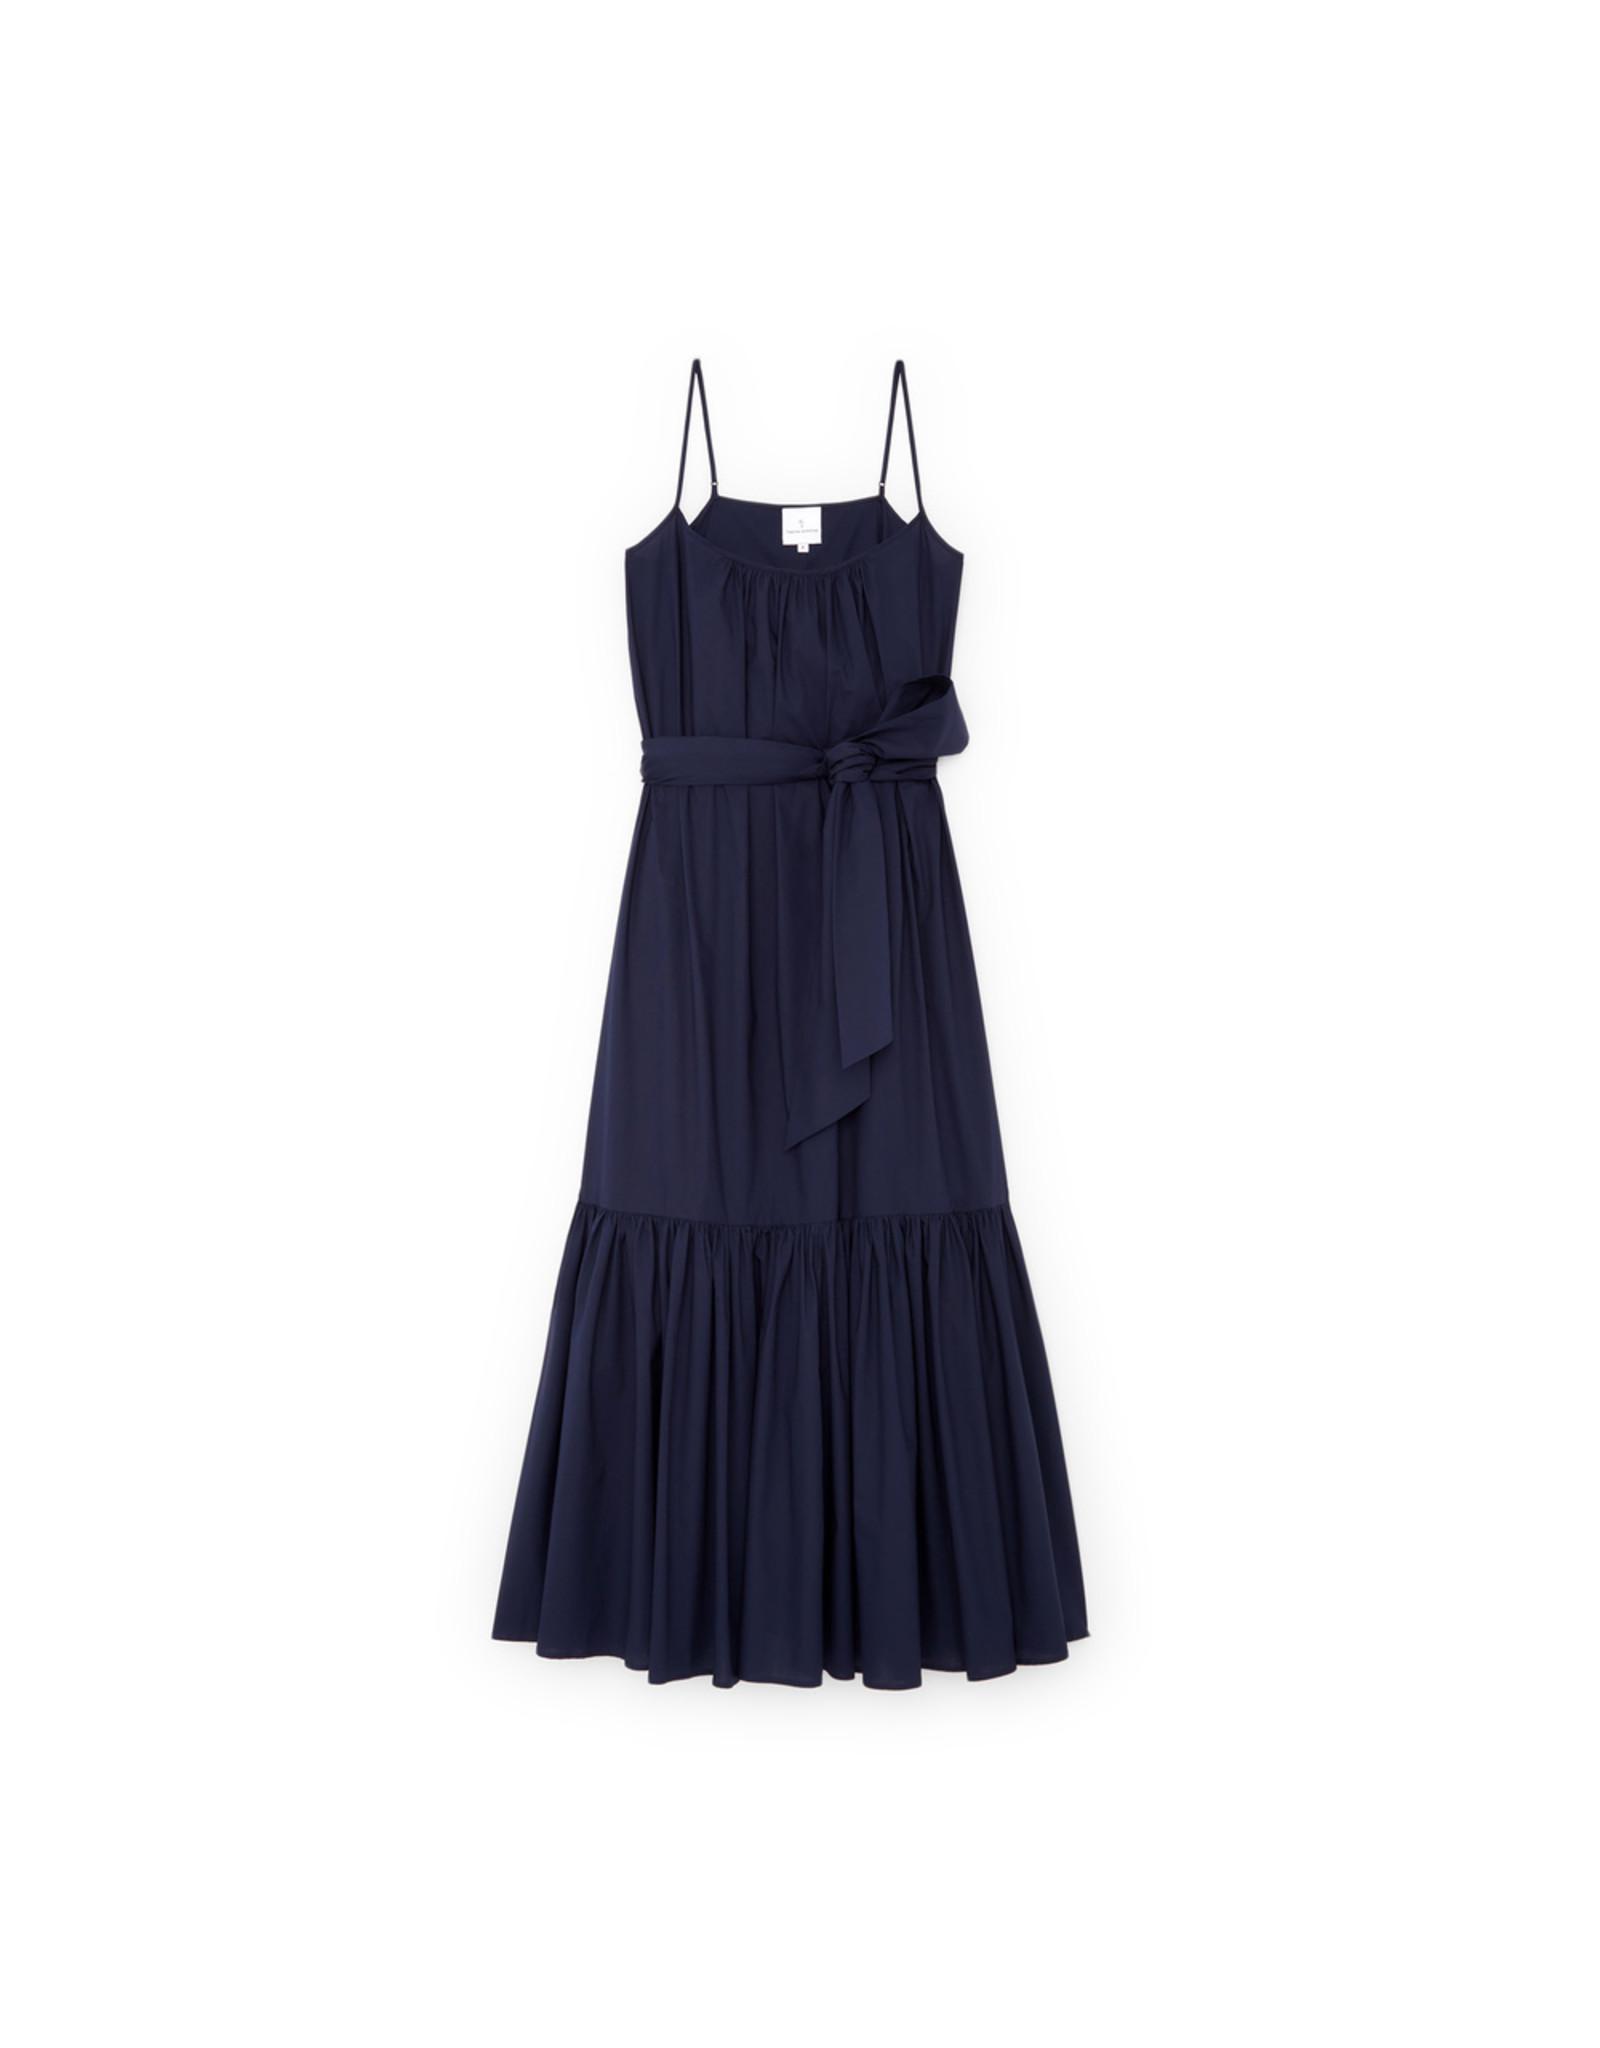 G. Label Capri Skinny Strap Dress (Color: Navy, Size: L)